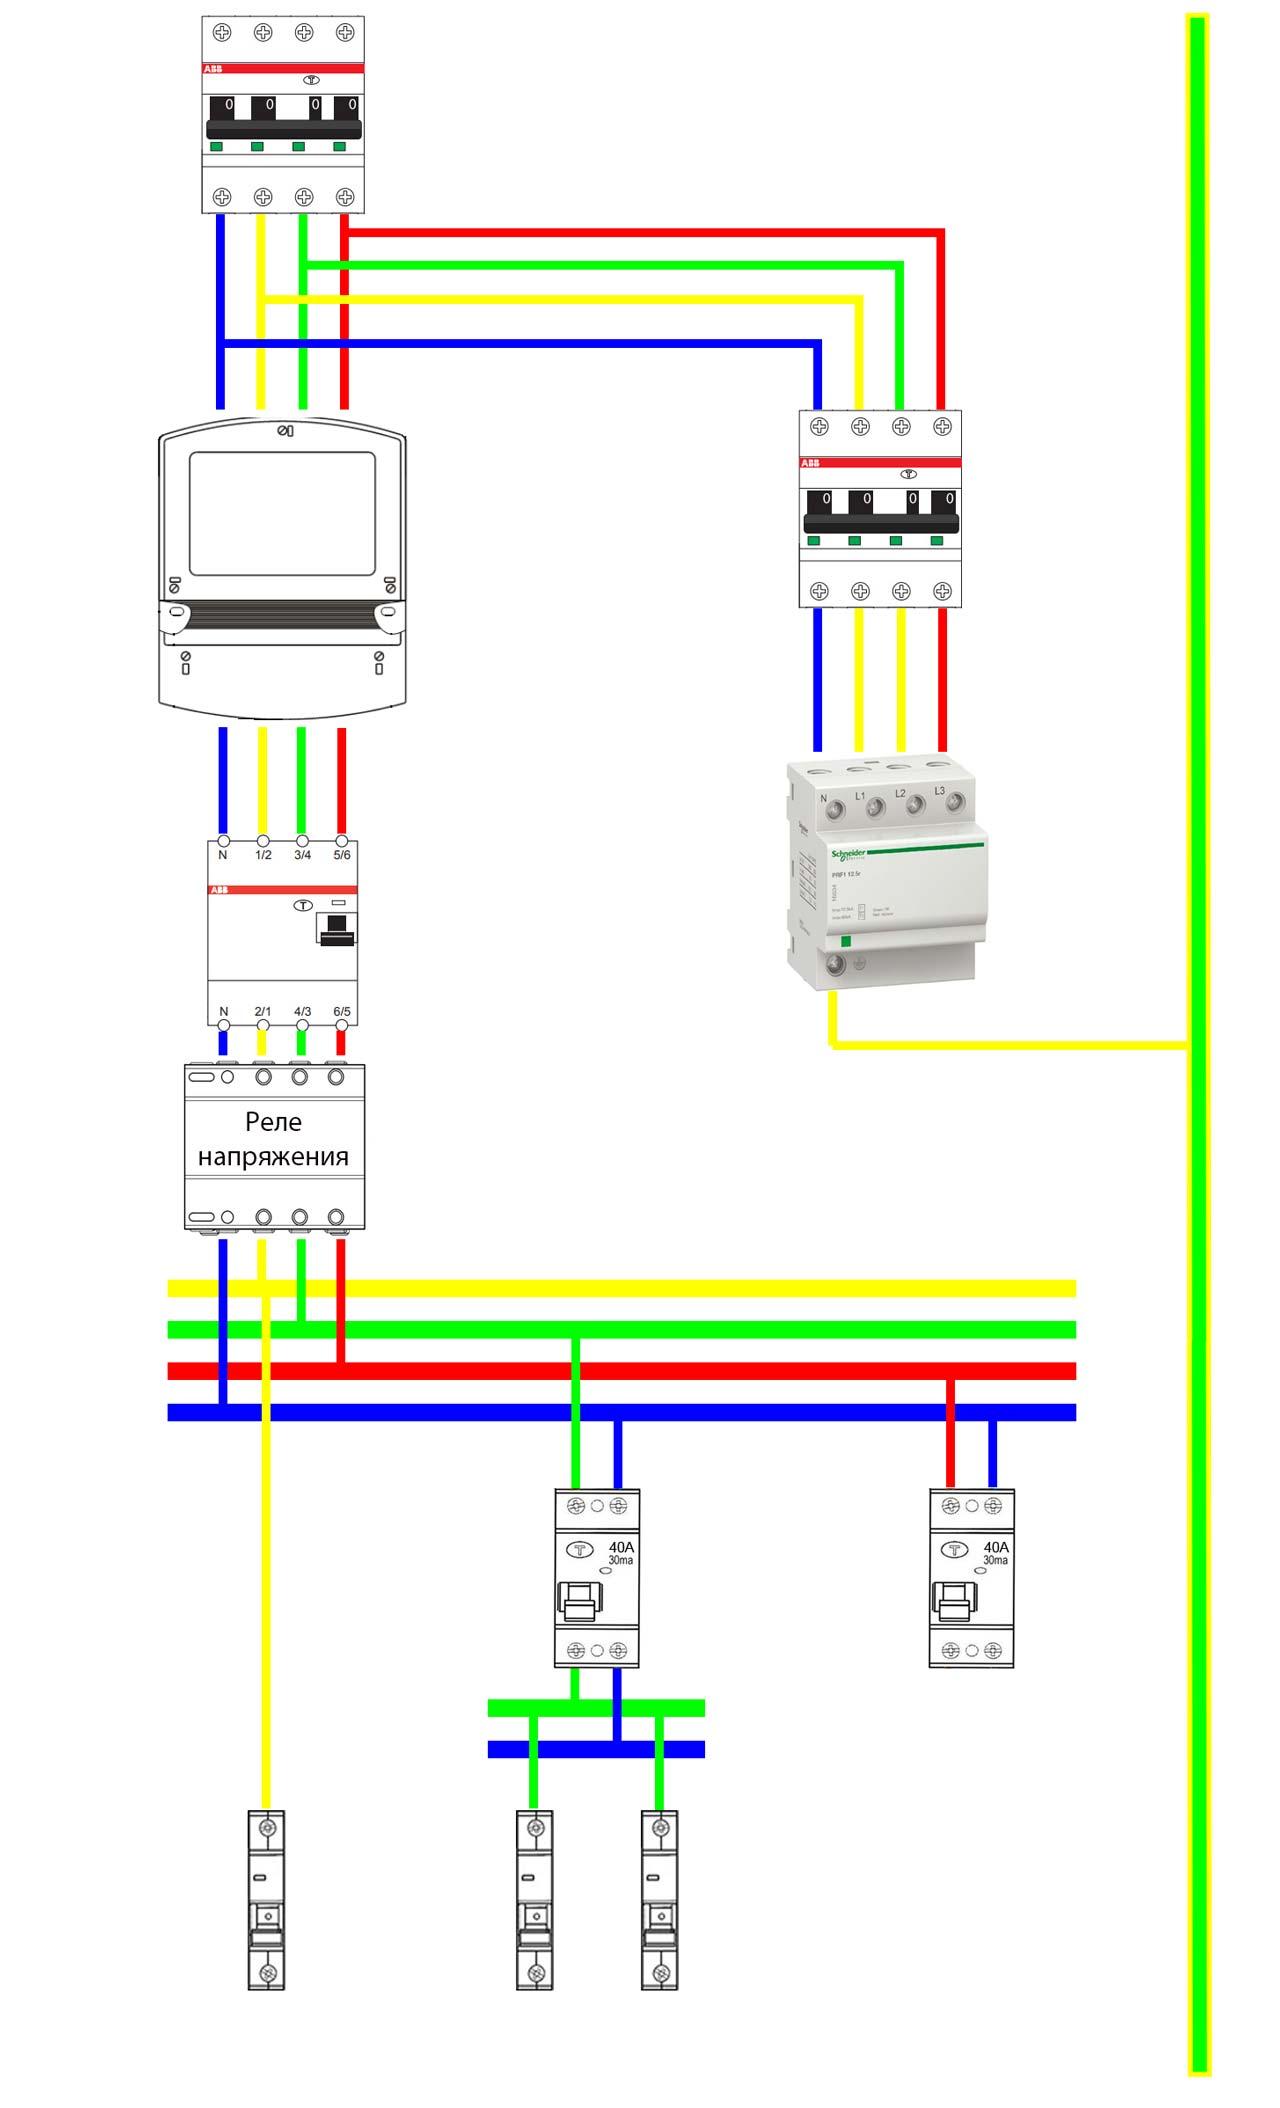 Защита от перенапряжения: реле для сетей 220 в и 380 в